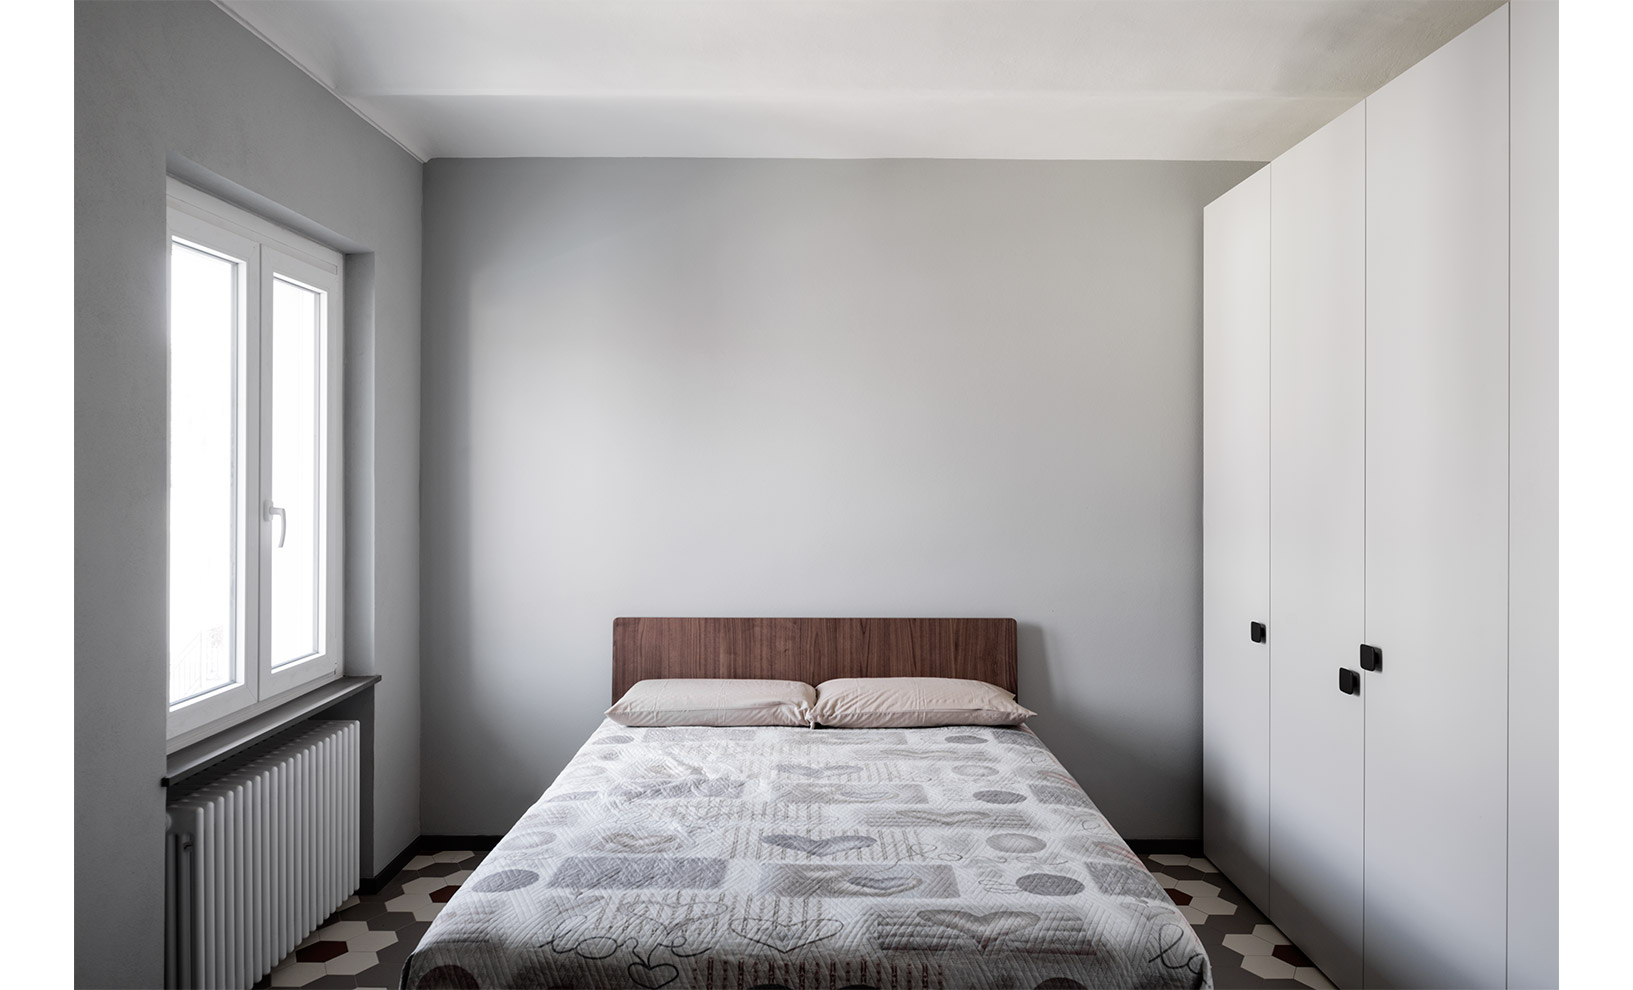 marco-tacchini-fotografo-architettura-antonio-perrone-villa-fc_12